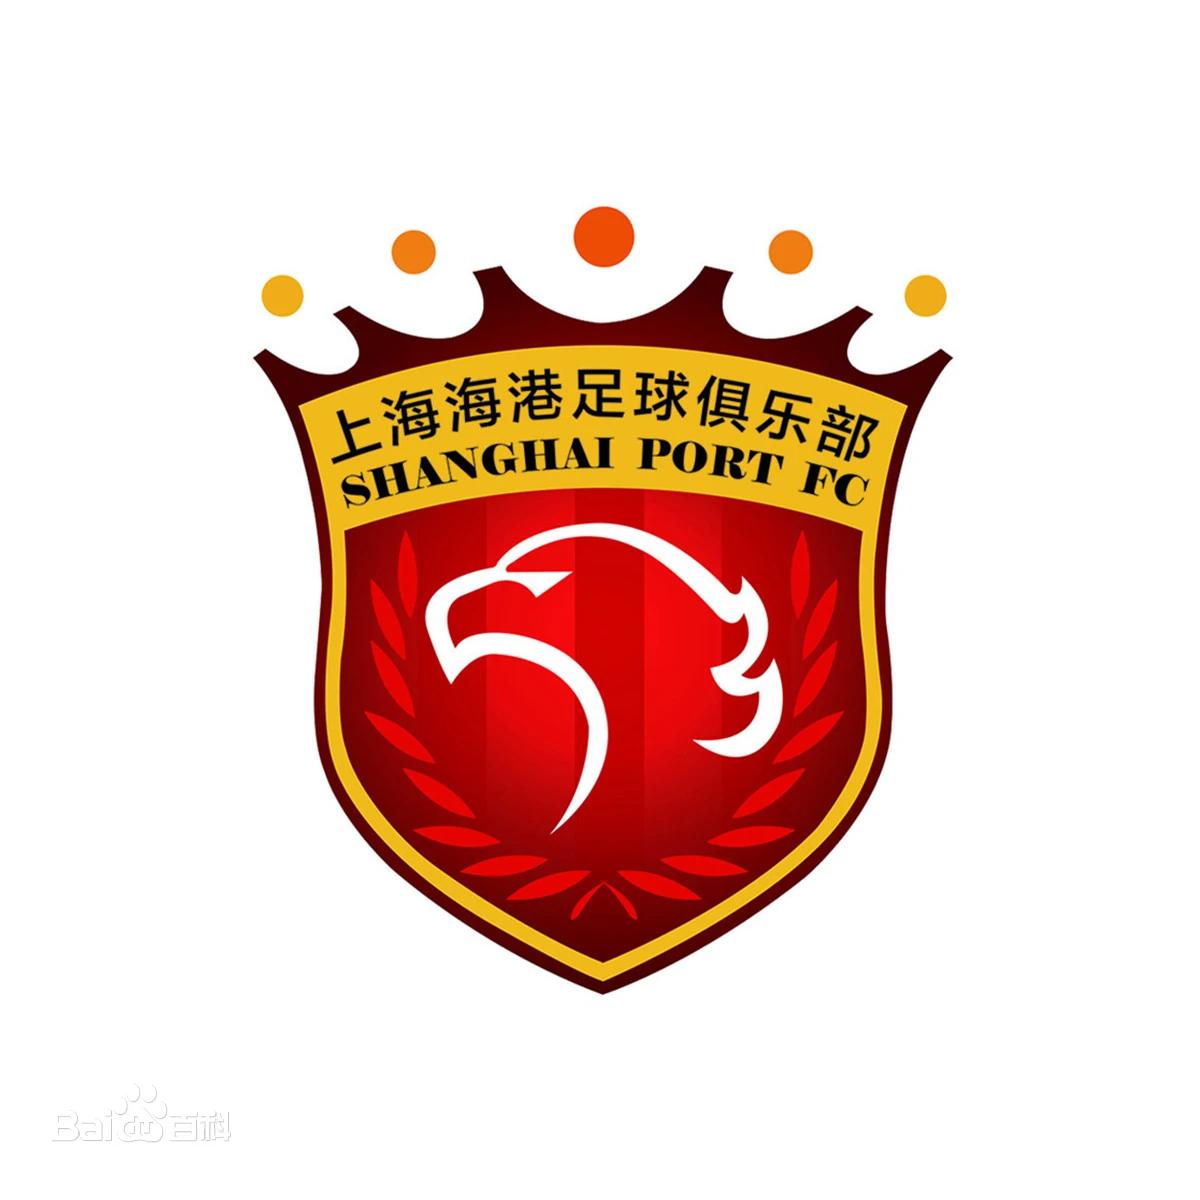 上海海港新赛季大名单:迈斯托罗维奇落选,9号球衣空缺